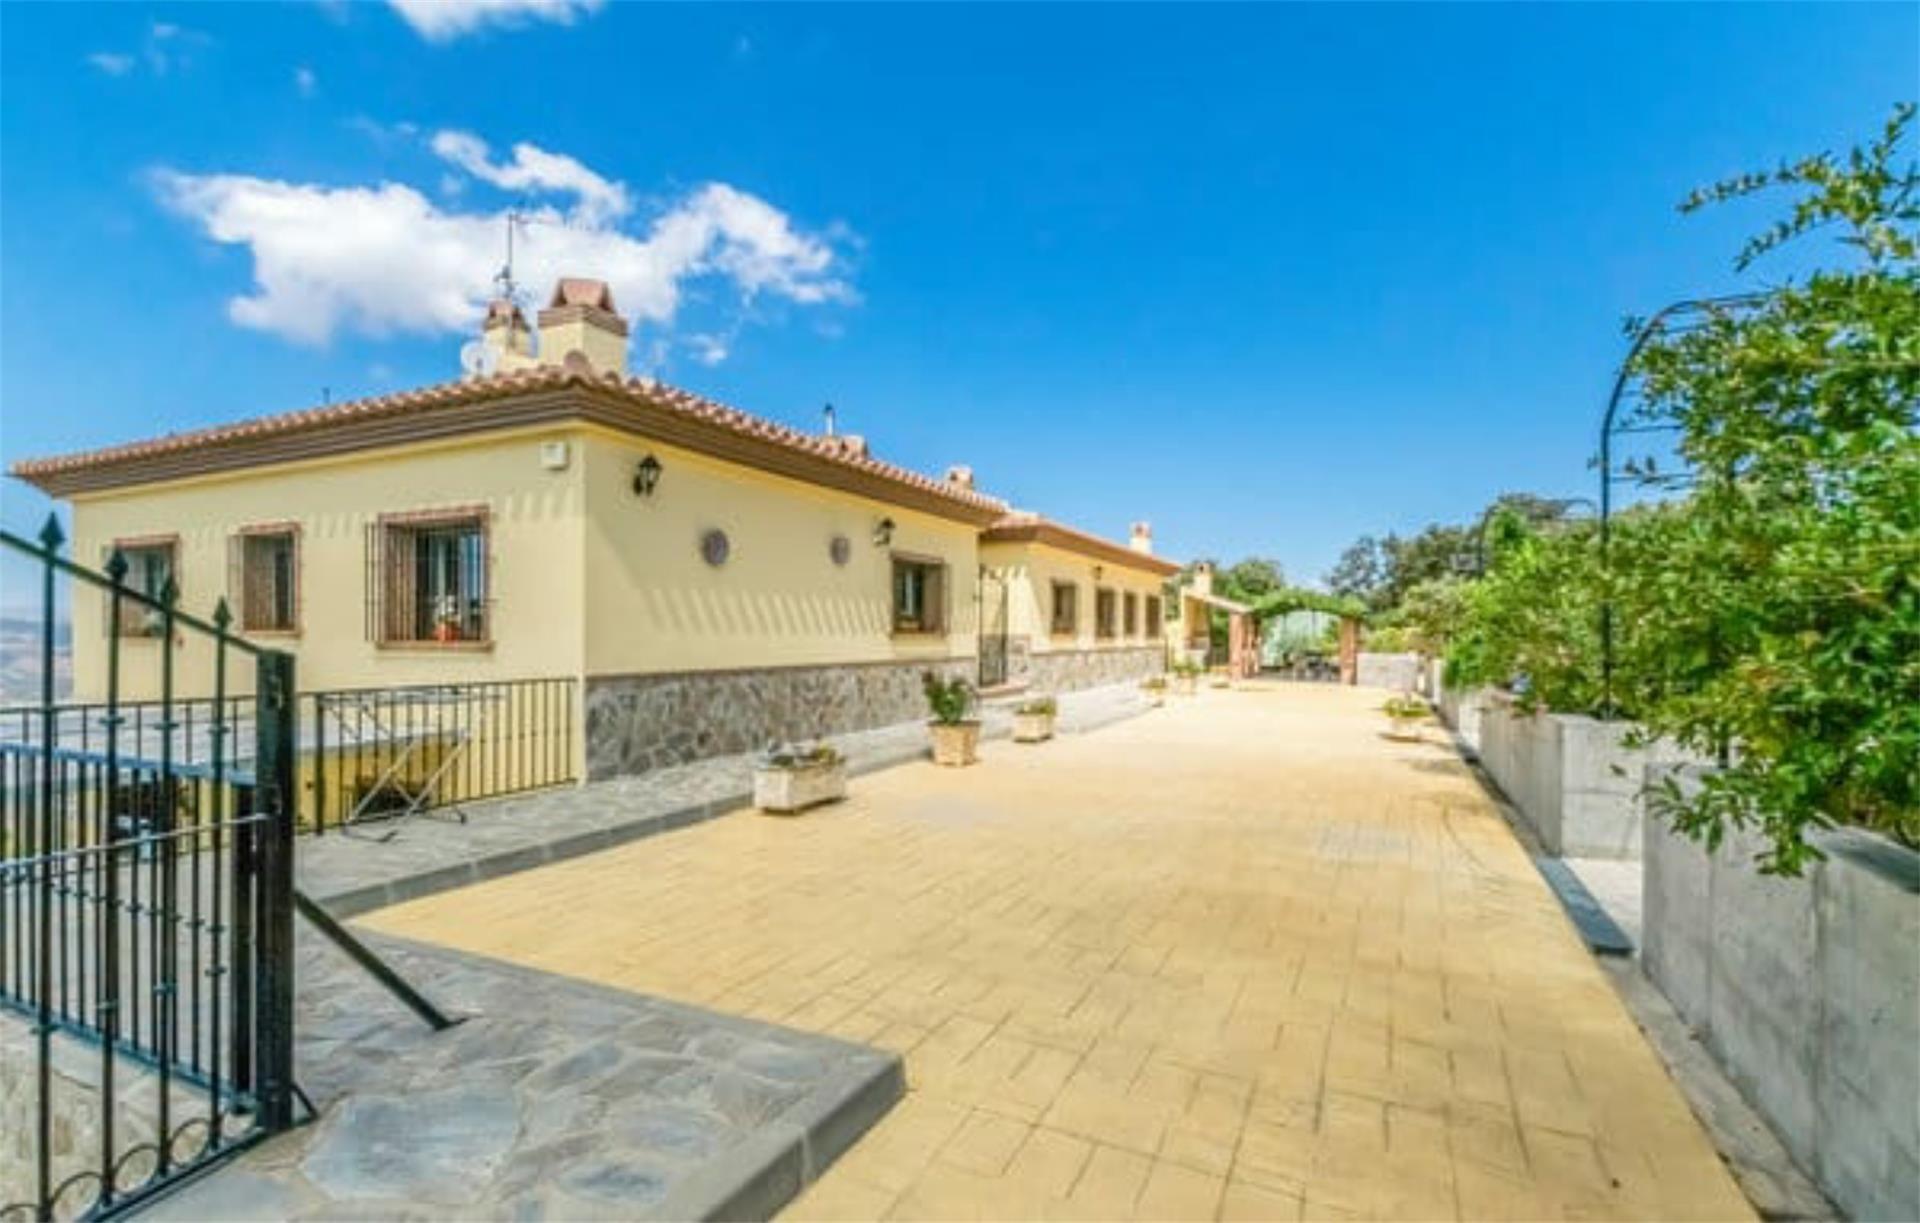 Finca rústica de alquiler en Casabermeja (Casabermeja, Málaga)